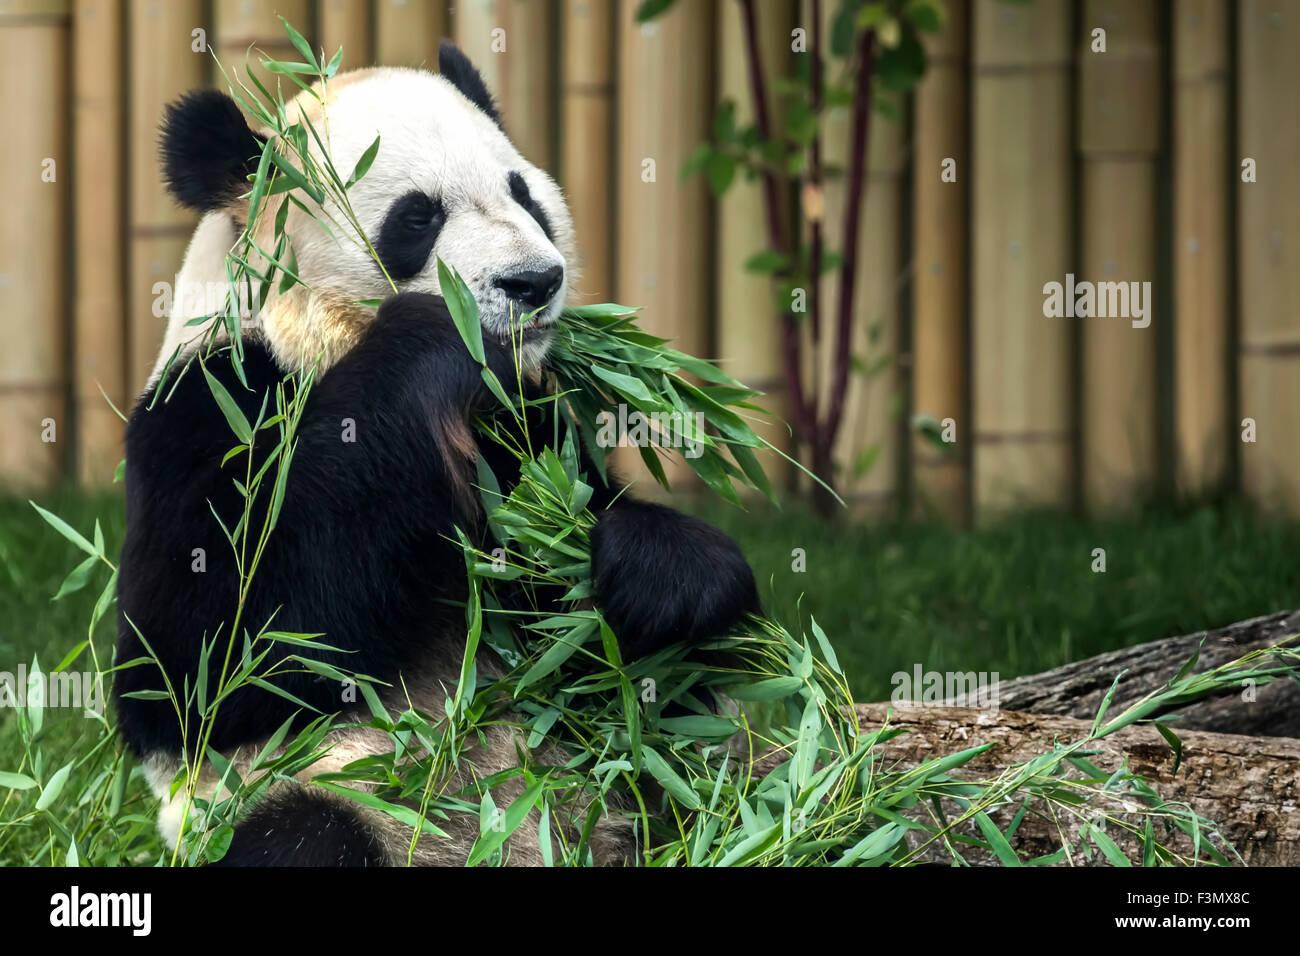 Panda géant au zoo local, manger des pousses de bambou. Photo Stock